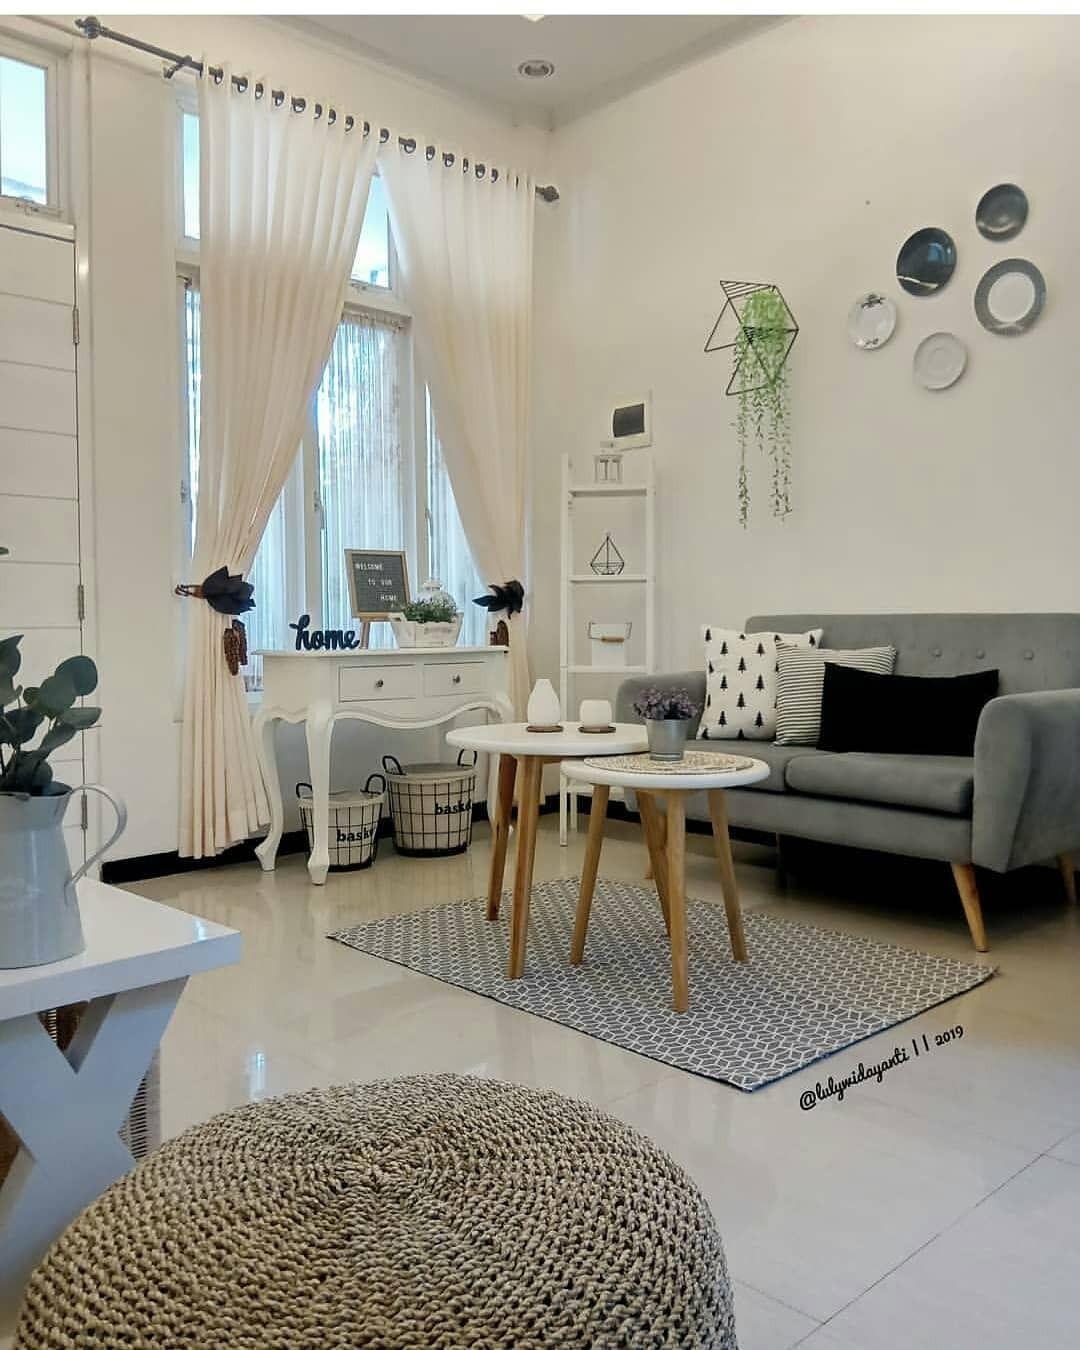 Livingroom Ideas For 3x3 Ruang Tamu Rumah Desain Interior Ide Dekorasi Rumah X living room ideas